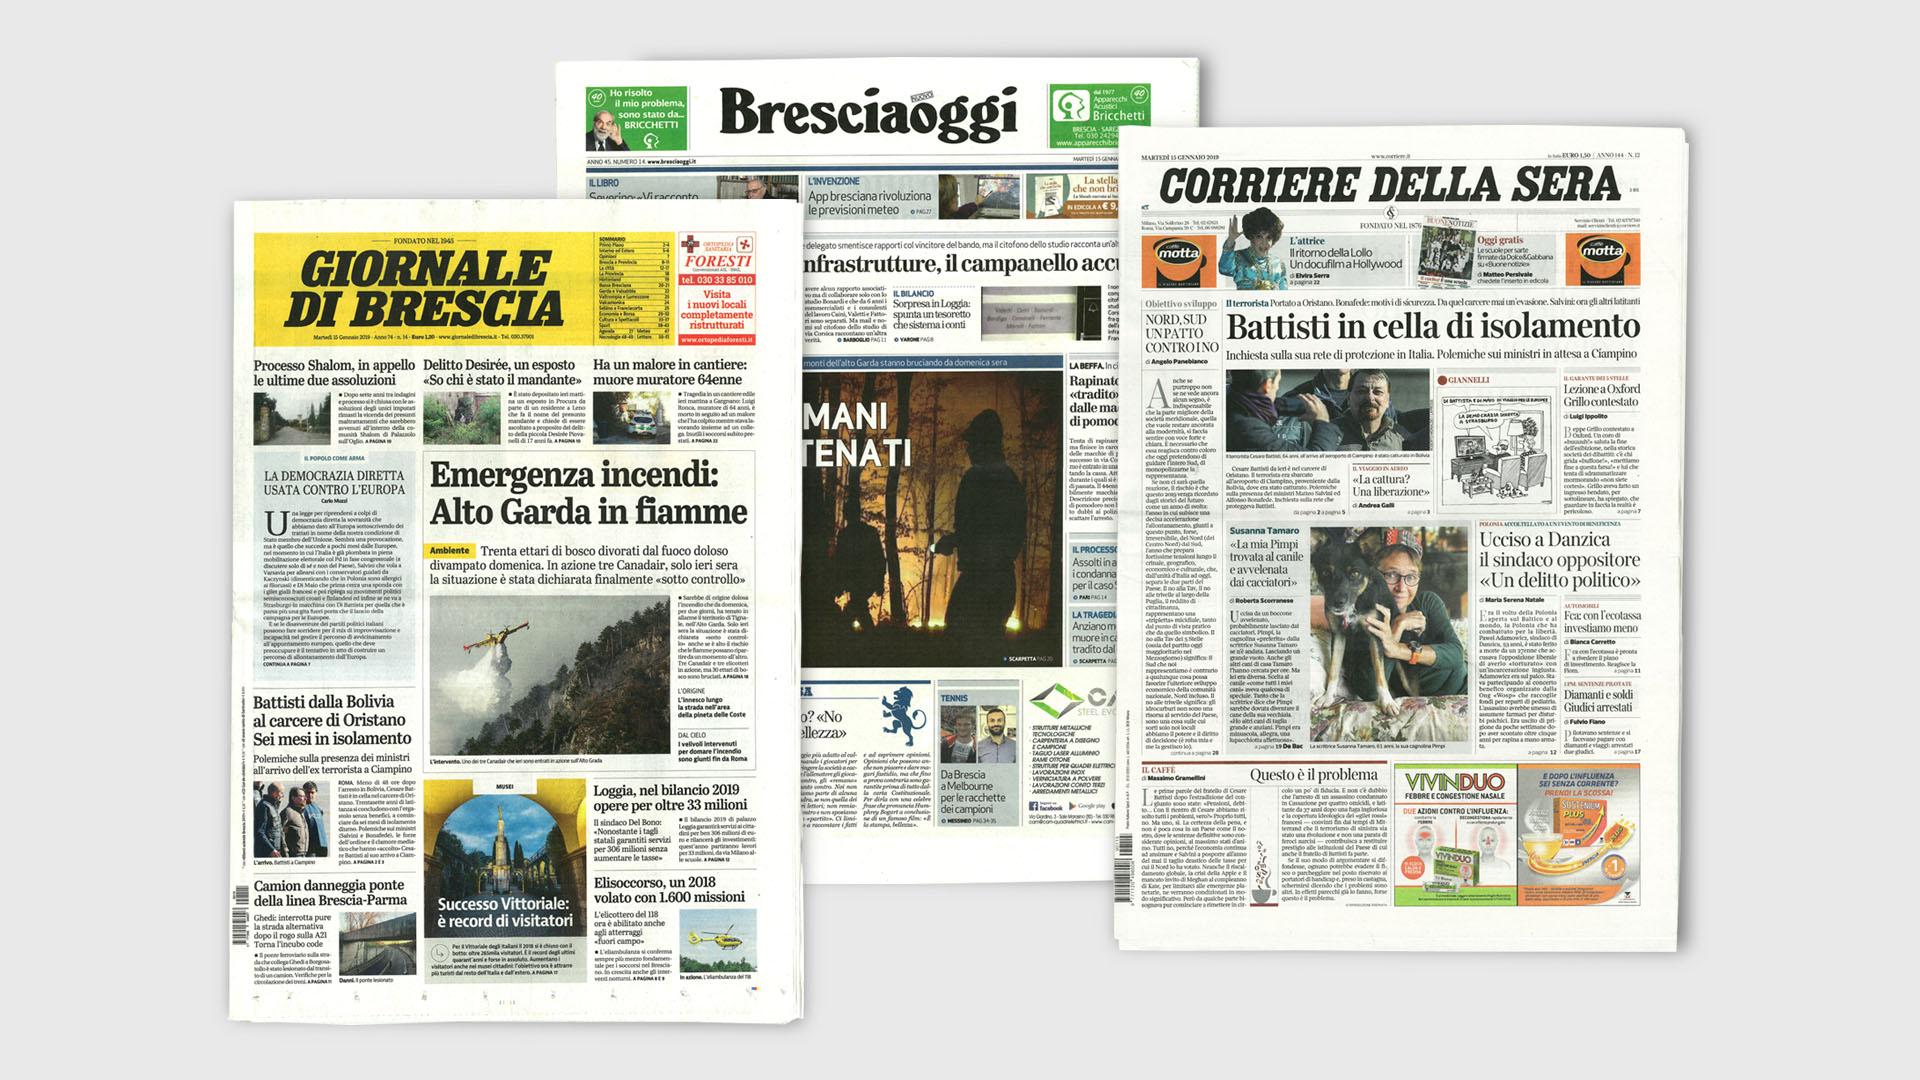 Immagine delle prime pagine di Bresciaoggi, Giornale di Brescia e Corriere della sera del 15 Marzo 2019.